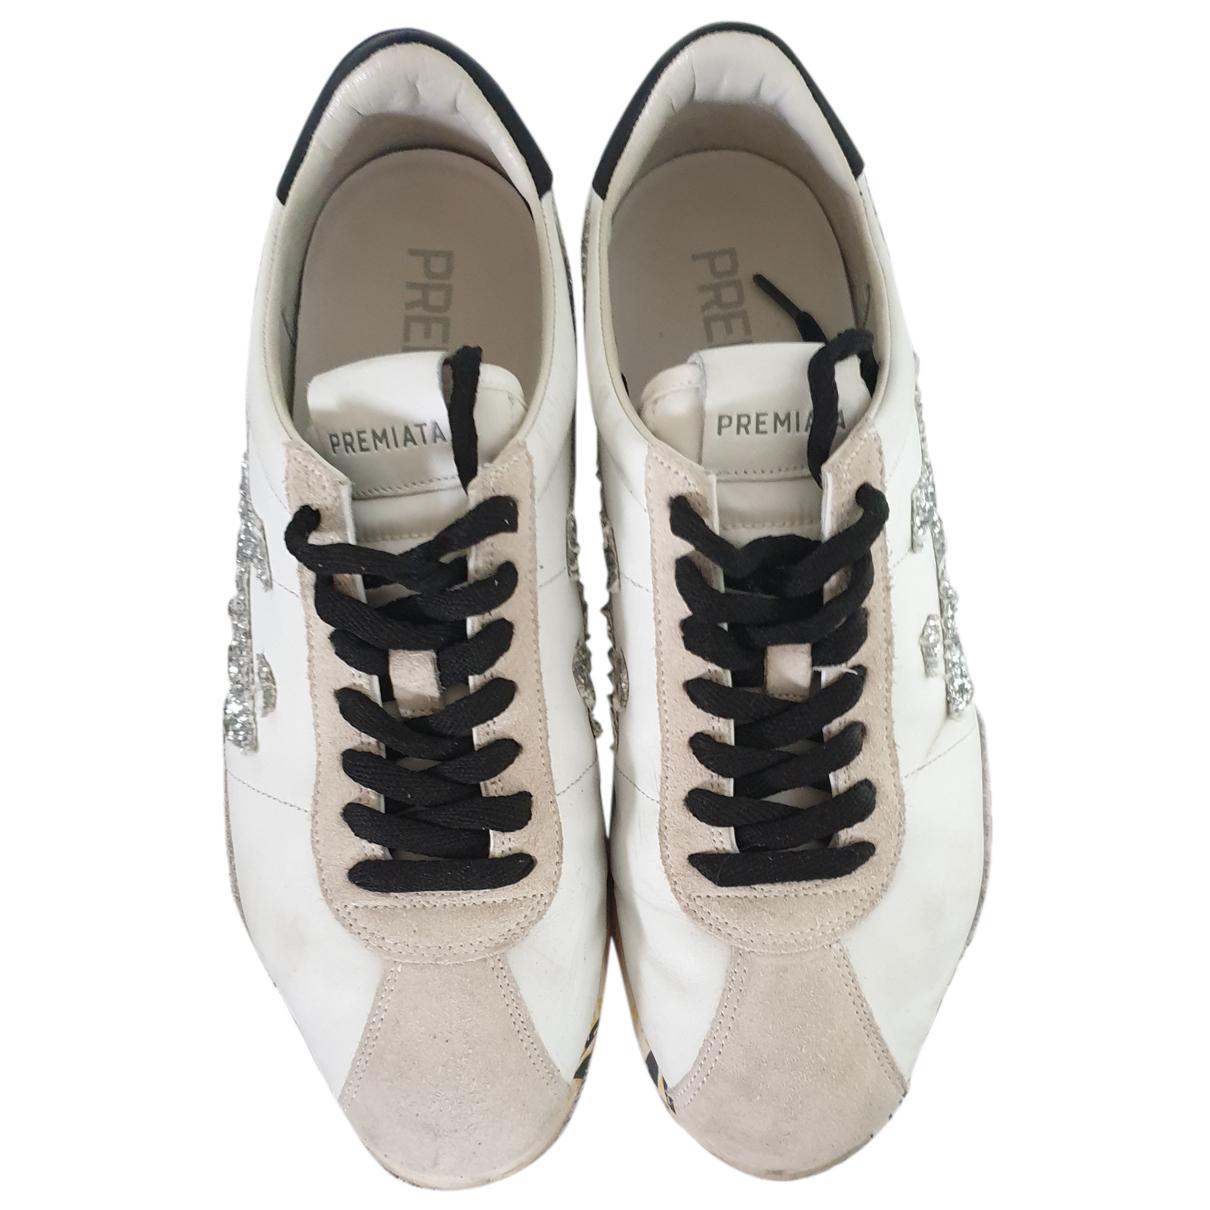 Premiata \N Sneakers in  Weiss Leder